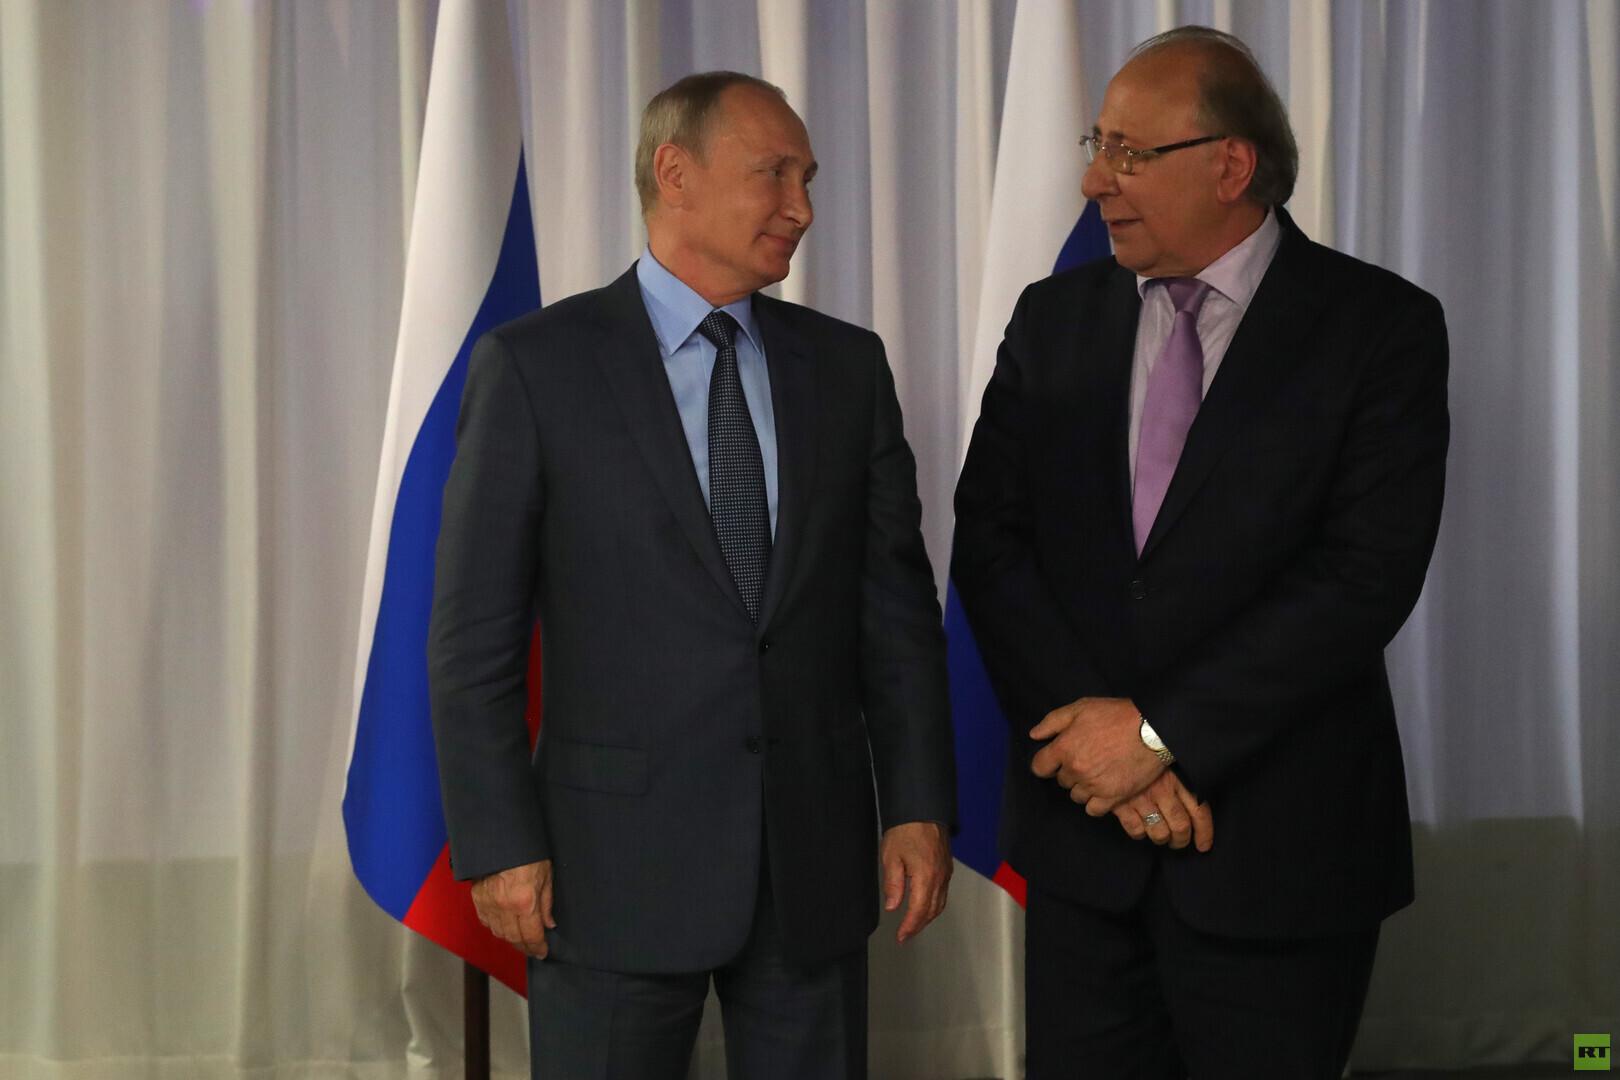 سلام مسافر يسأل بوتين: هل أنتم مطمئنون لخليفتكم؟